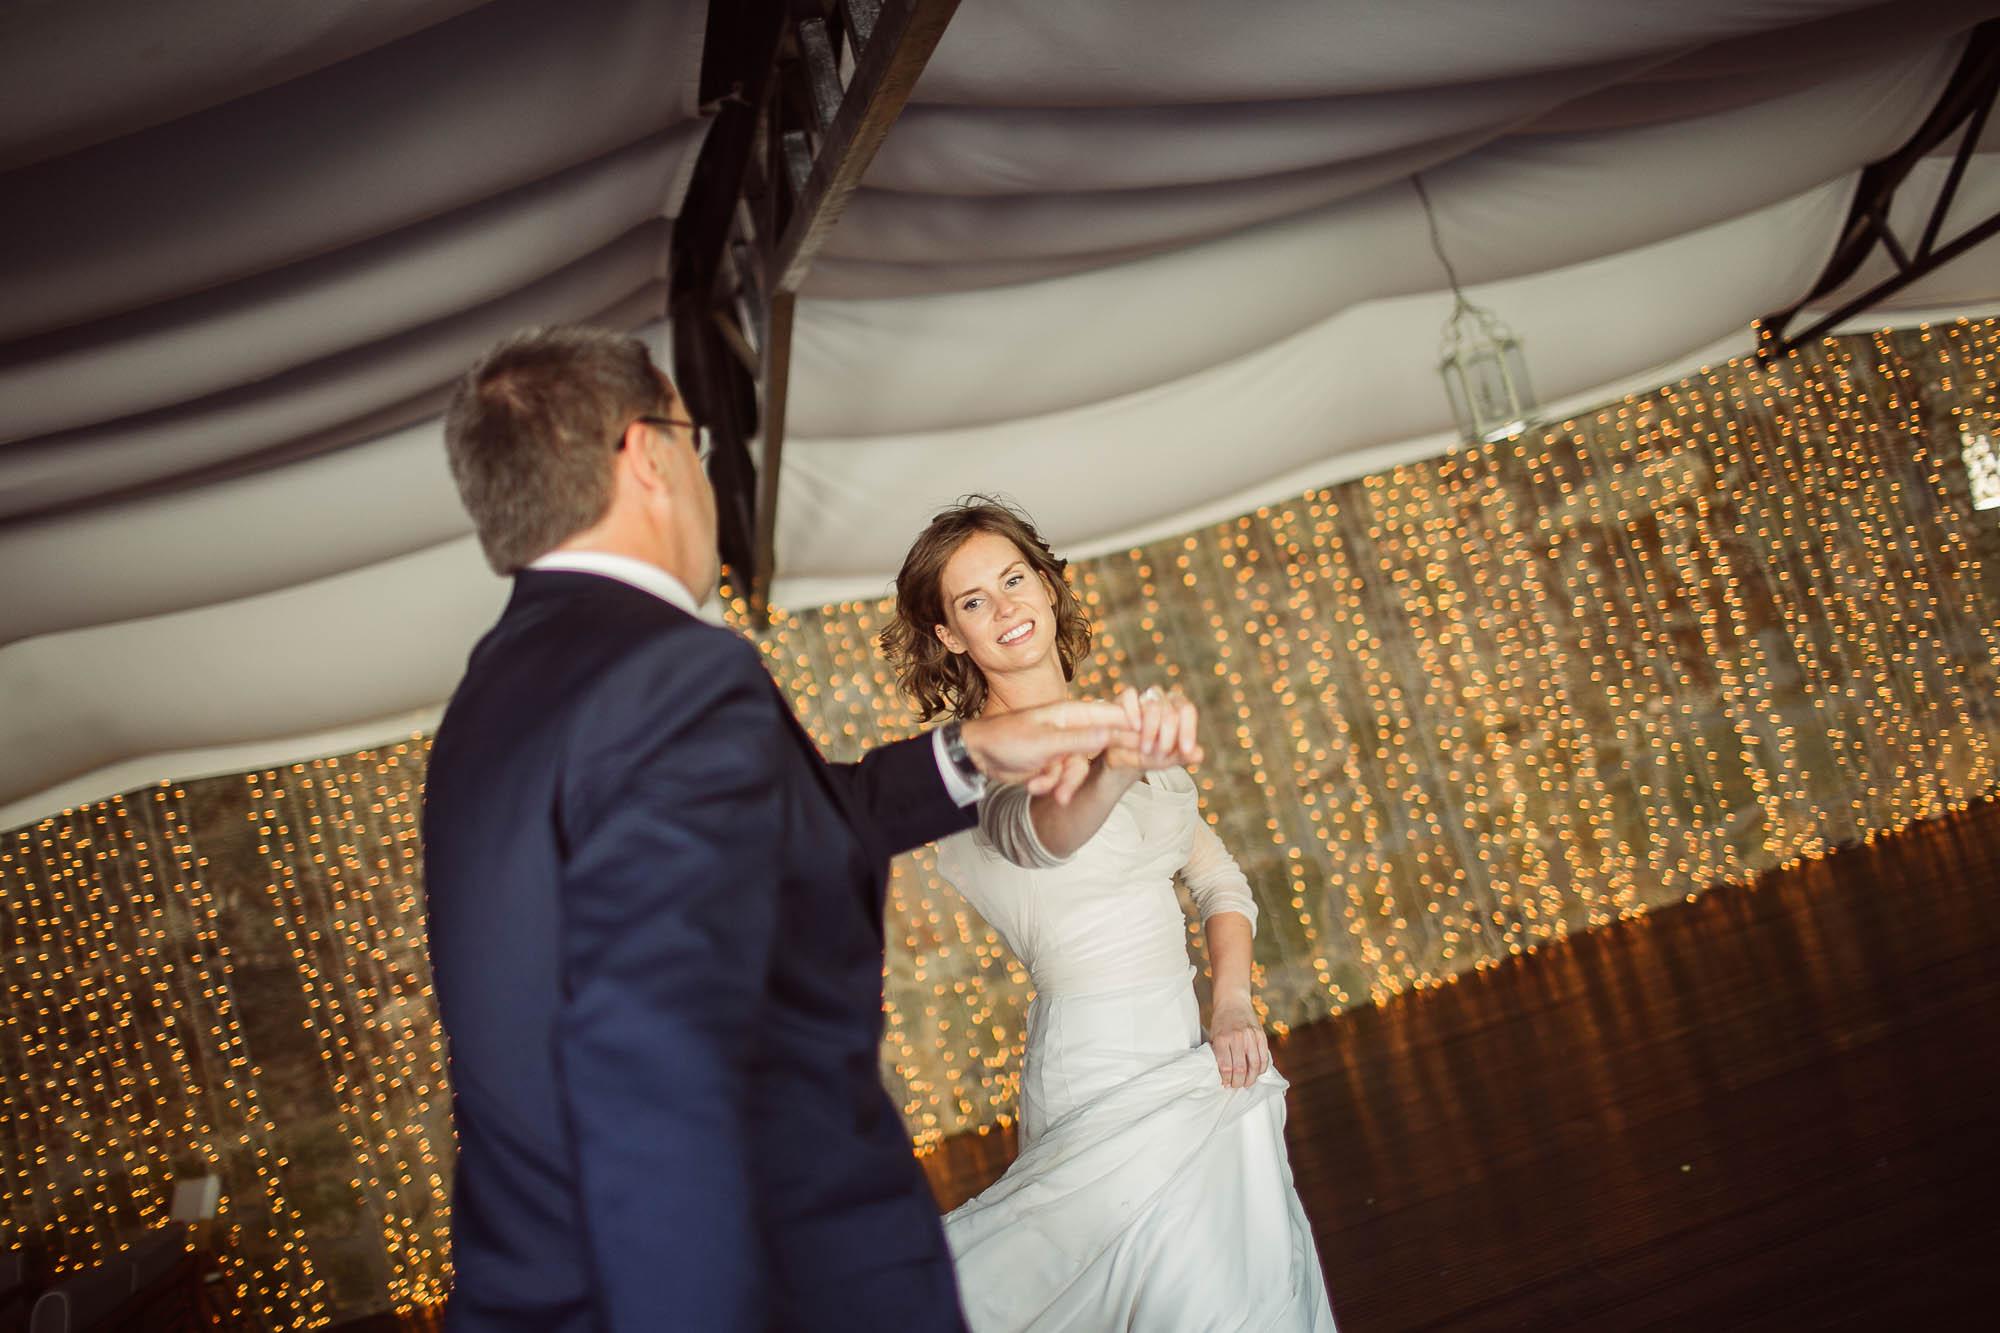 La novia dando una vuelta sobre si misma bailando con un invitado